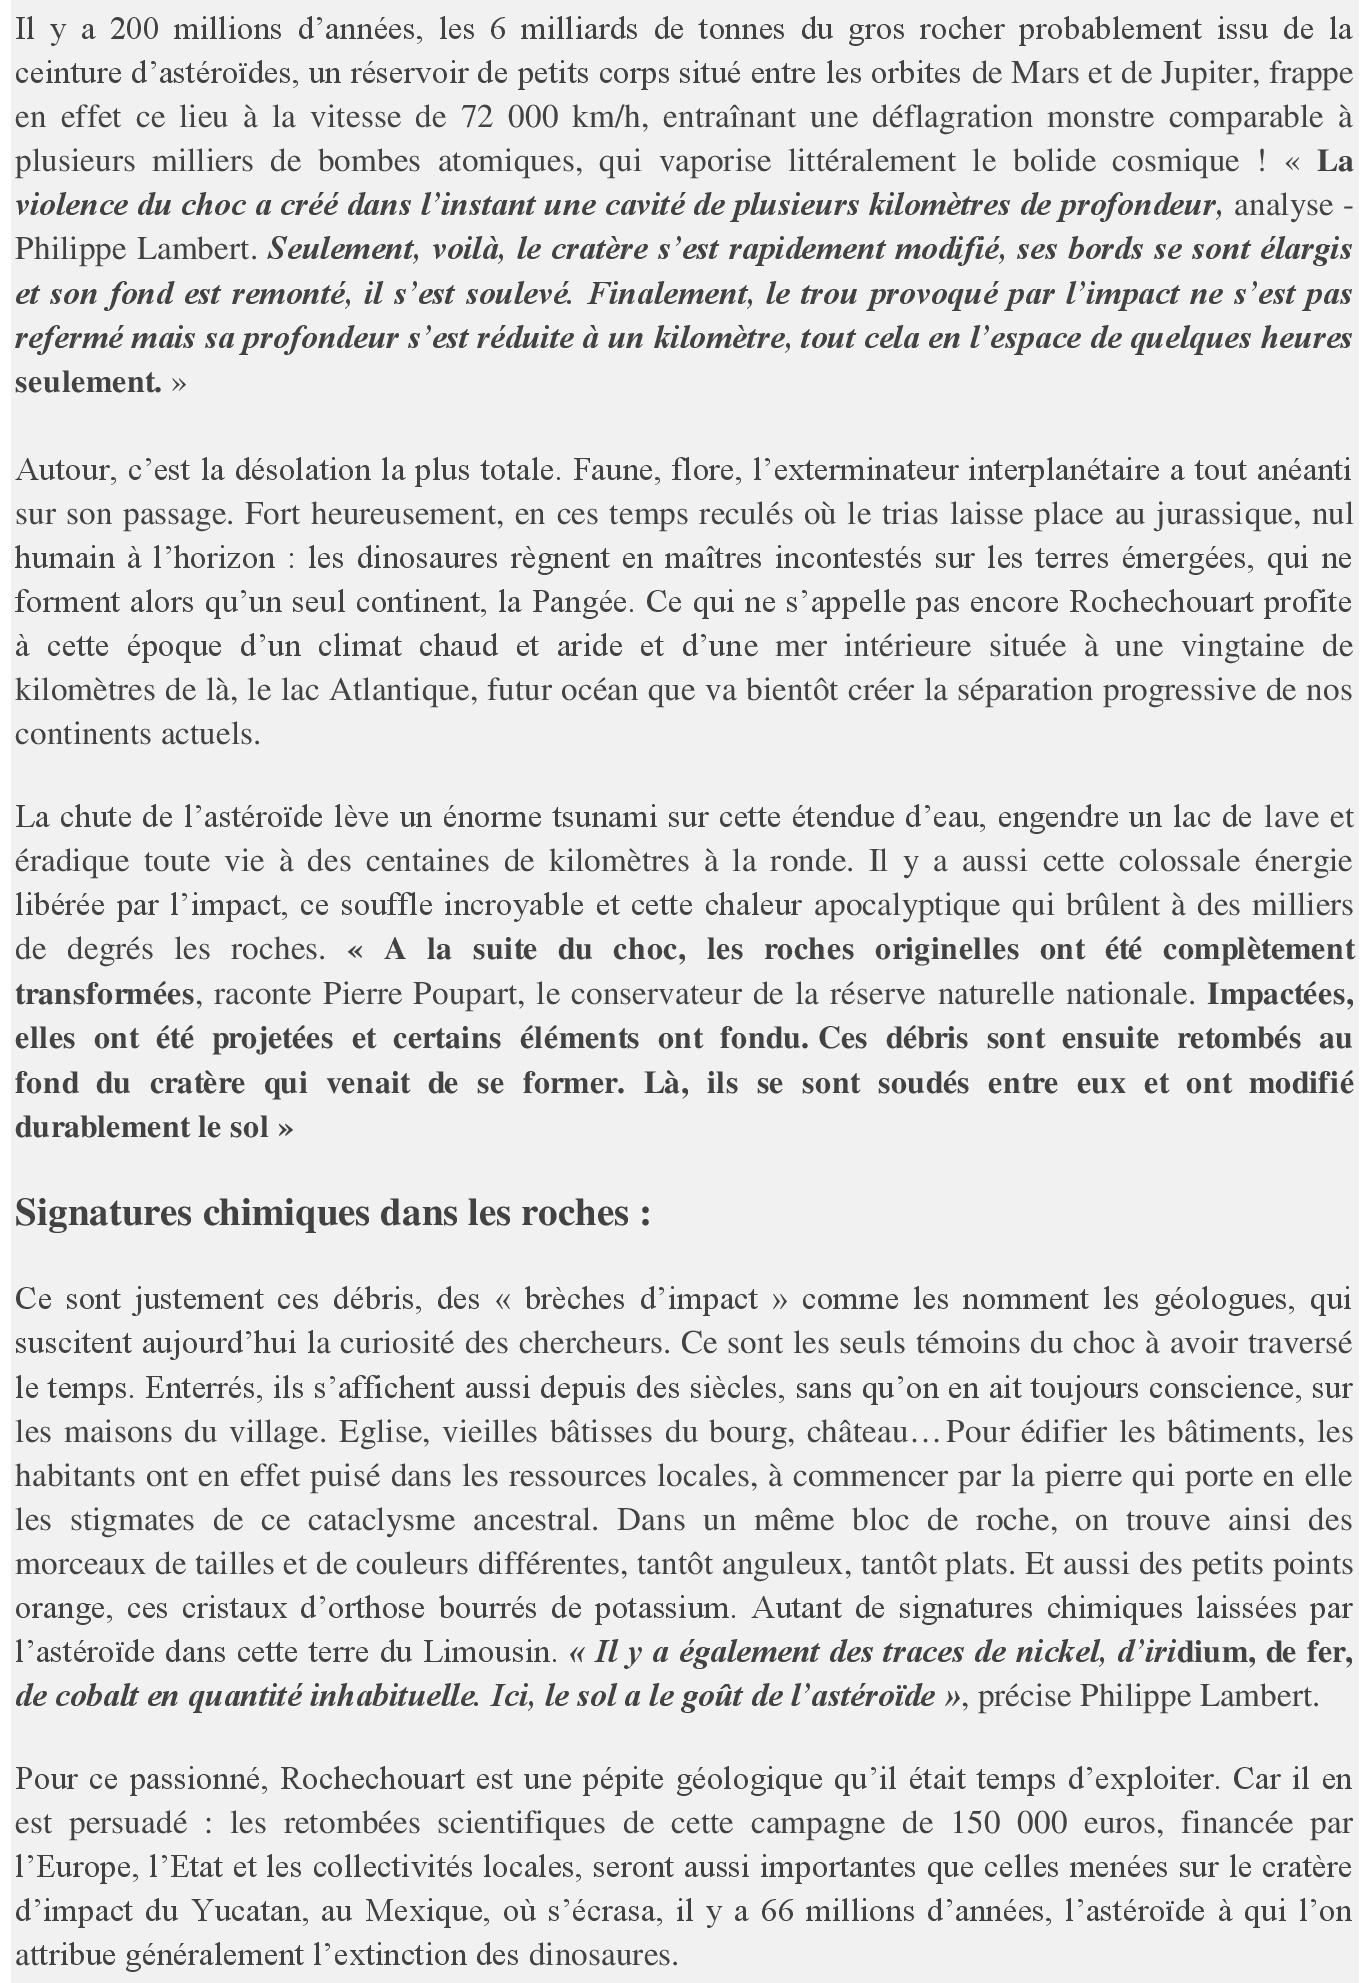 astéroïde Rochechouart.2